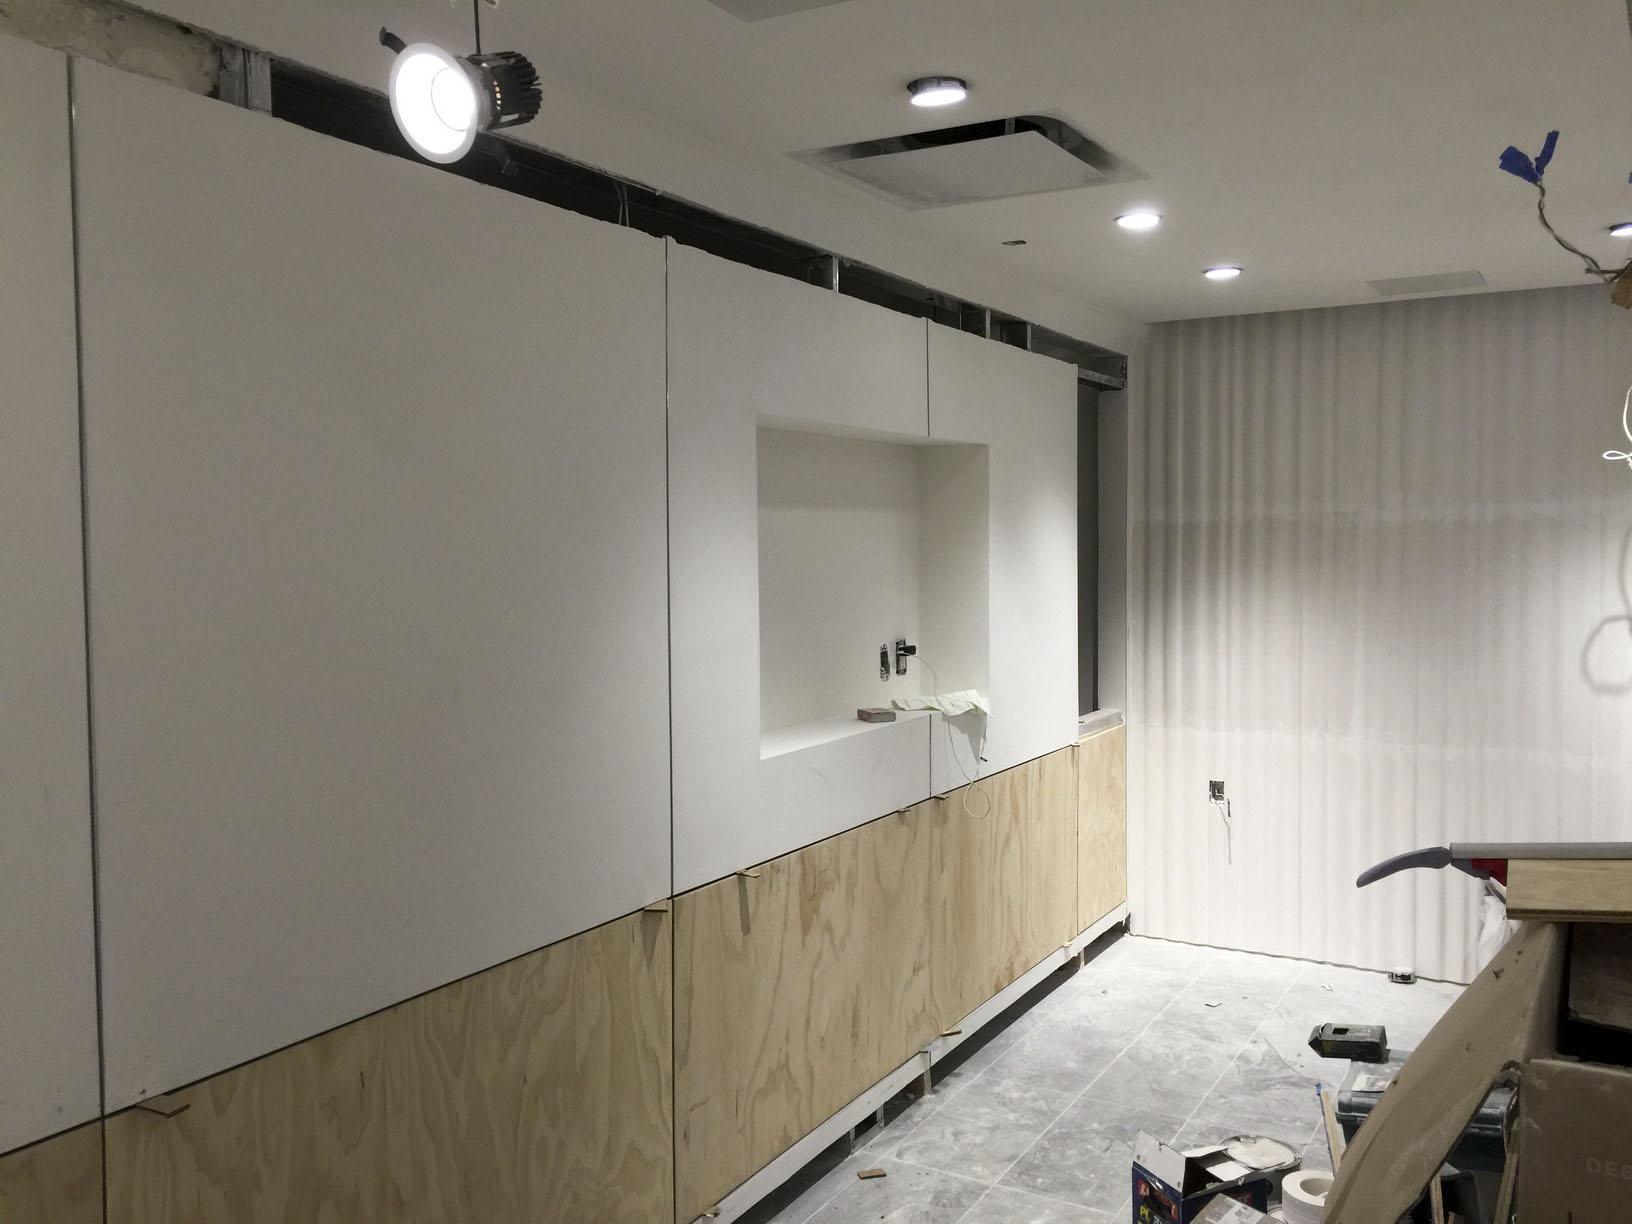 James Allen Jewelry Showroom under construction